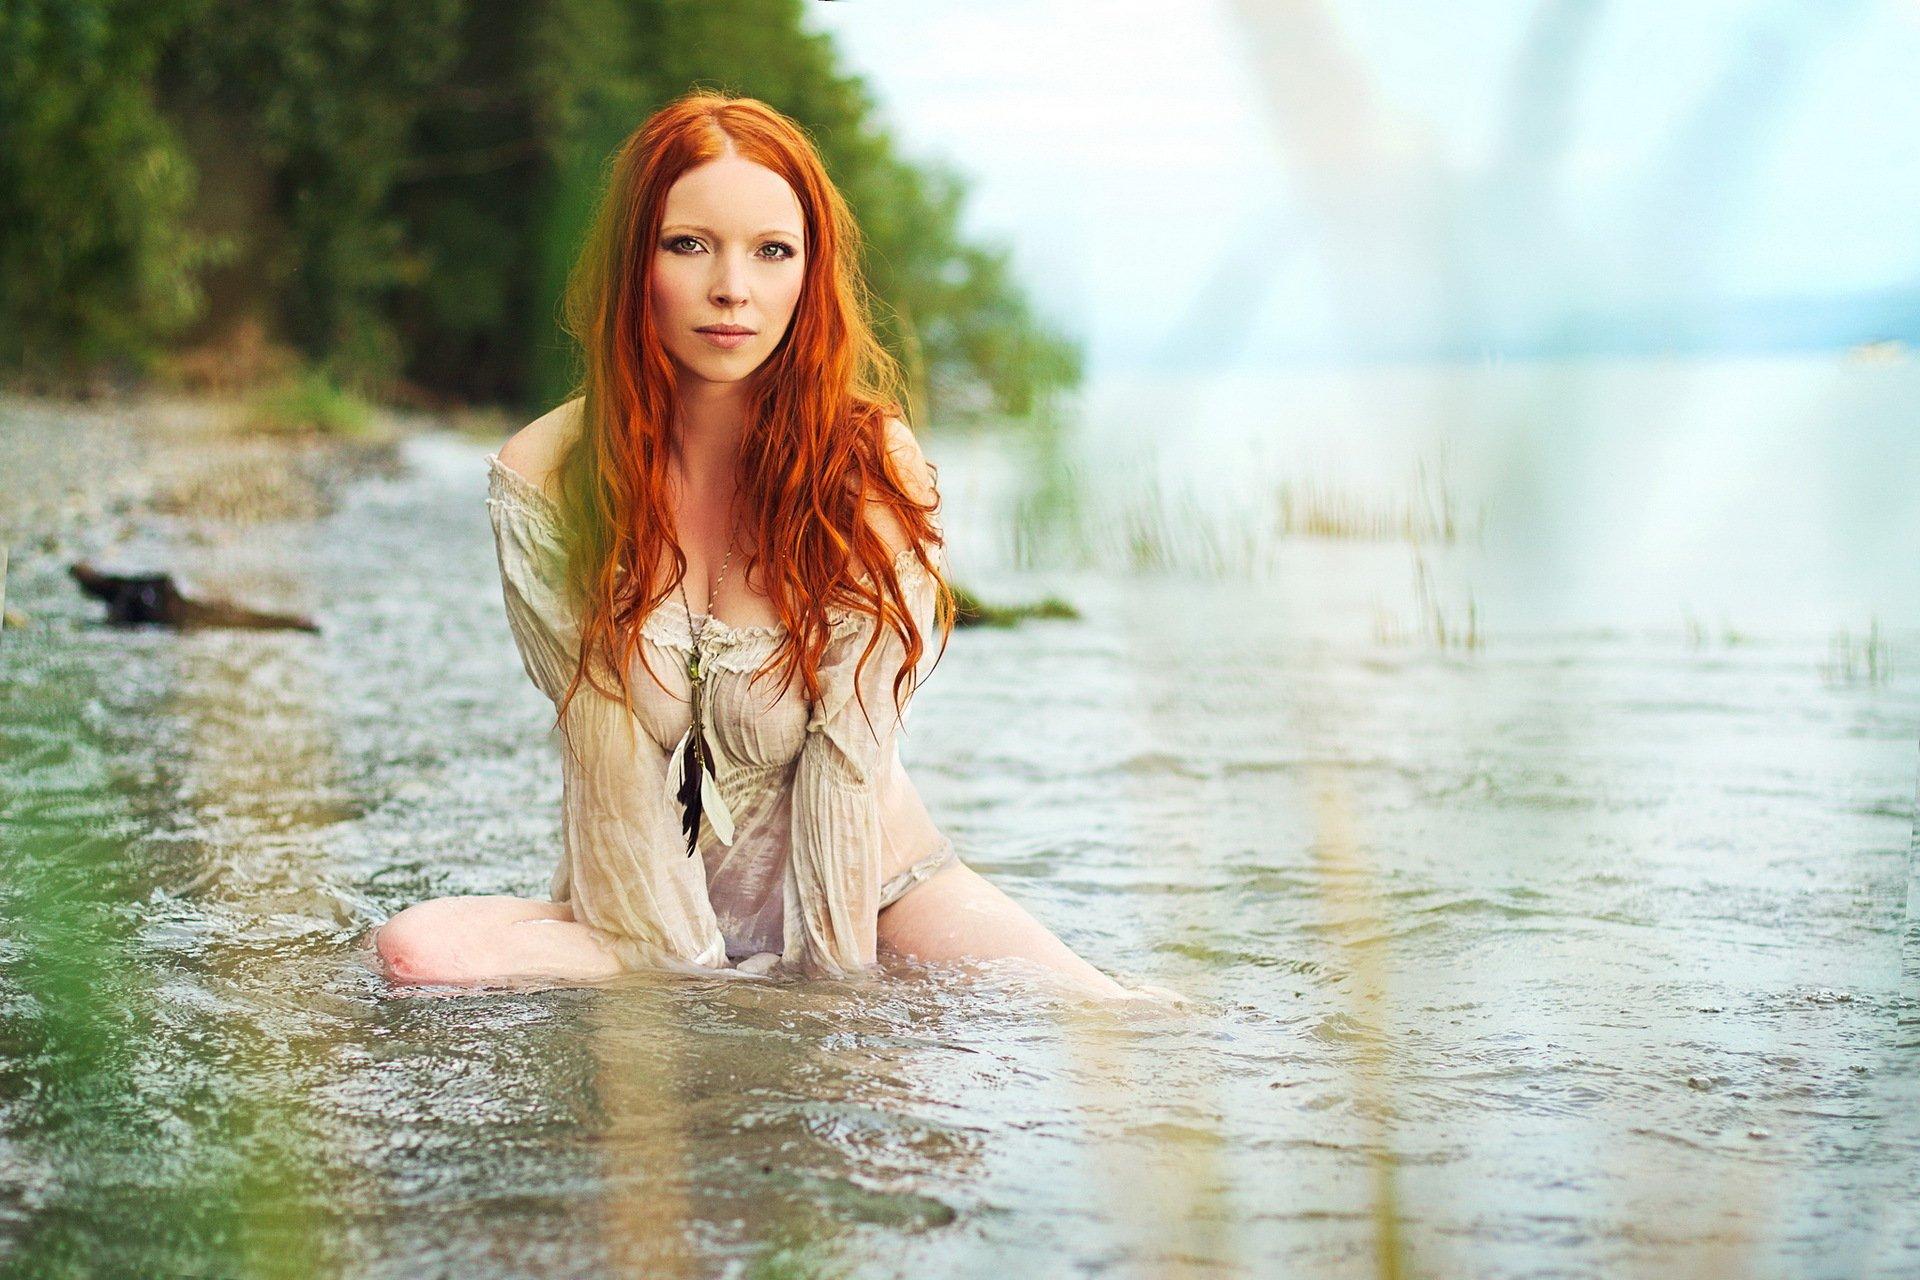 Красивые девушки на речке 1